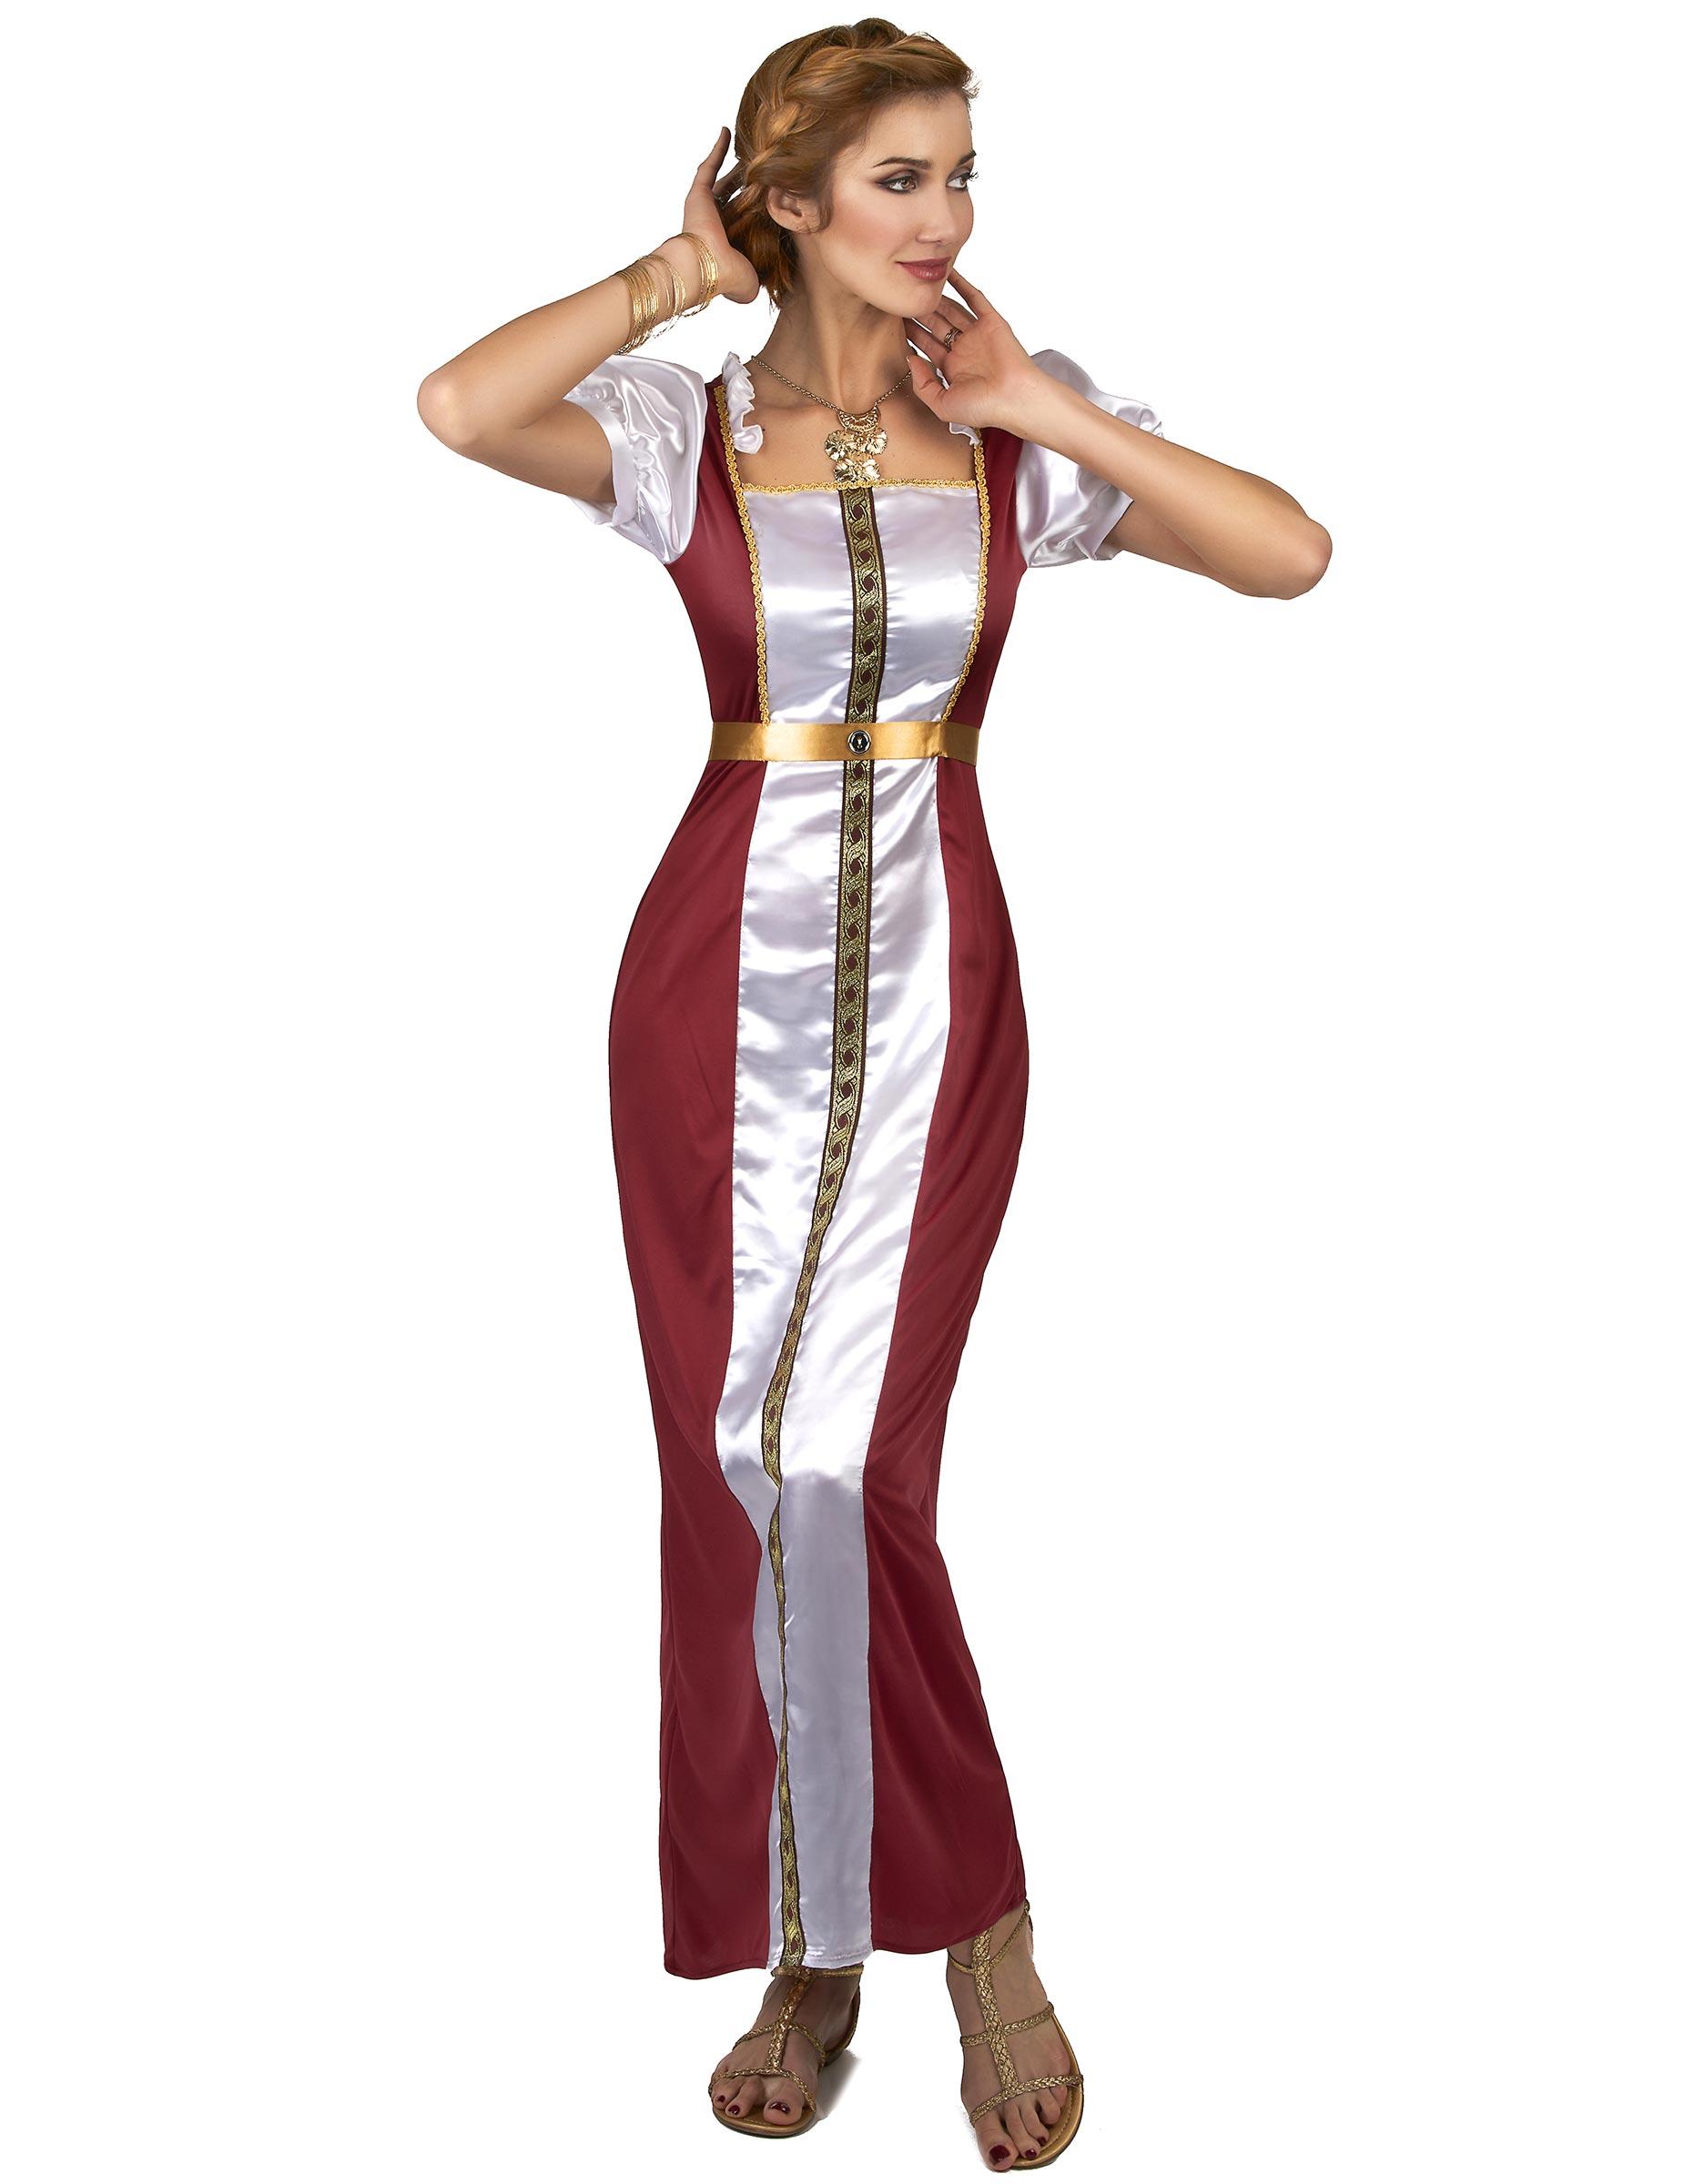 billige kostumer til kvinder